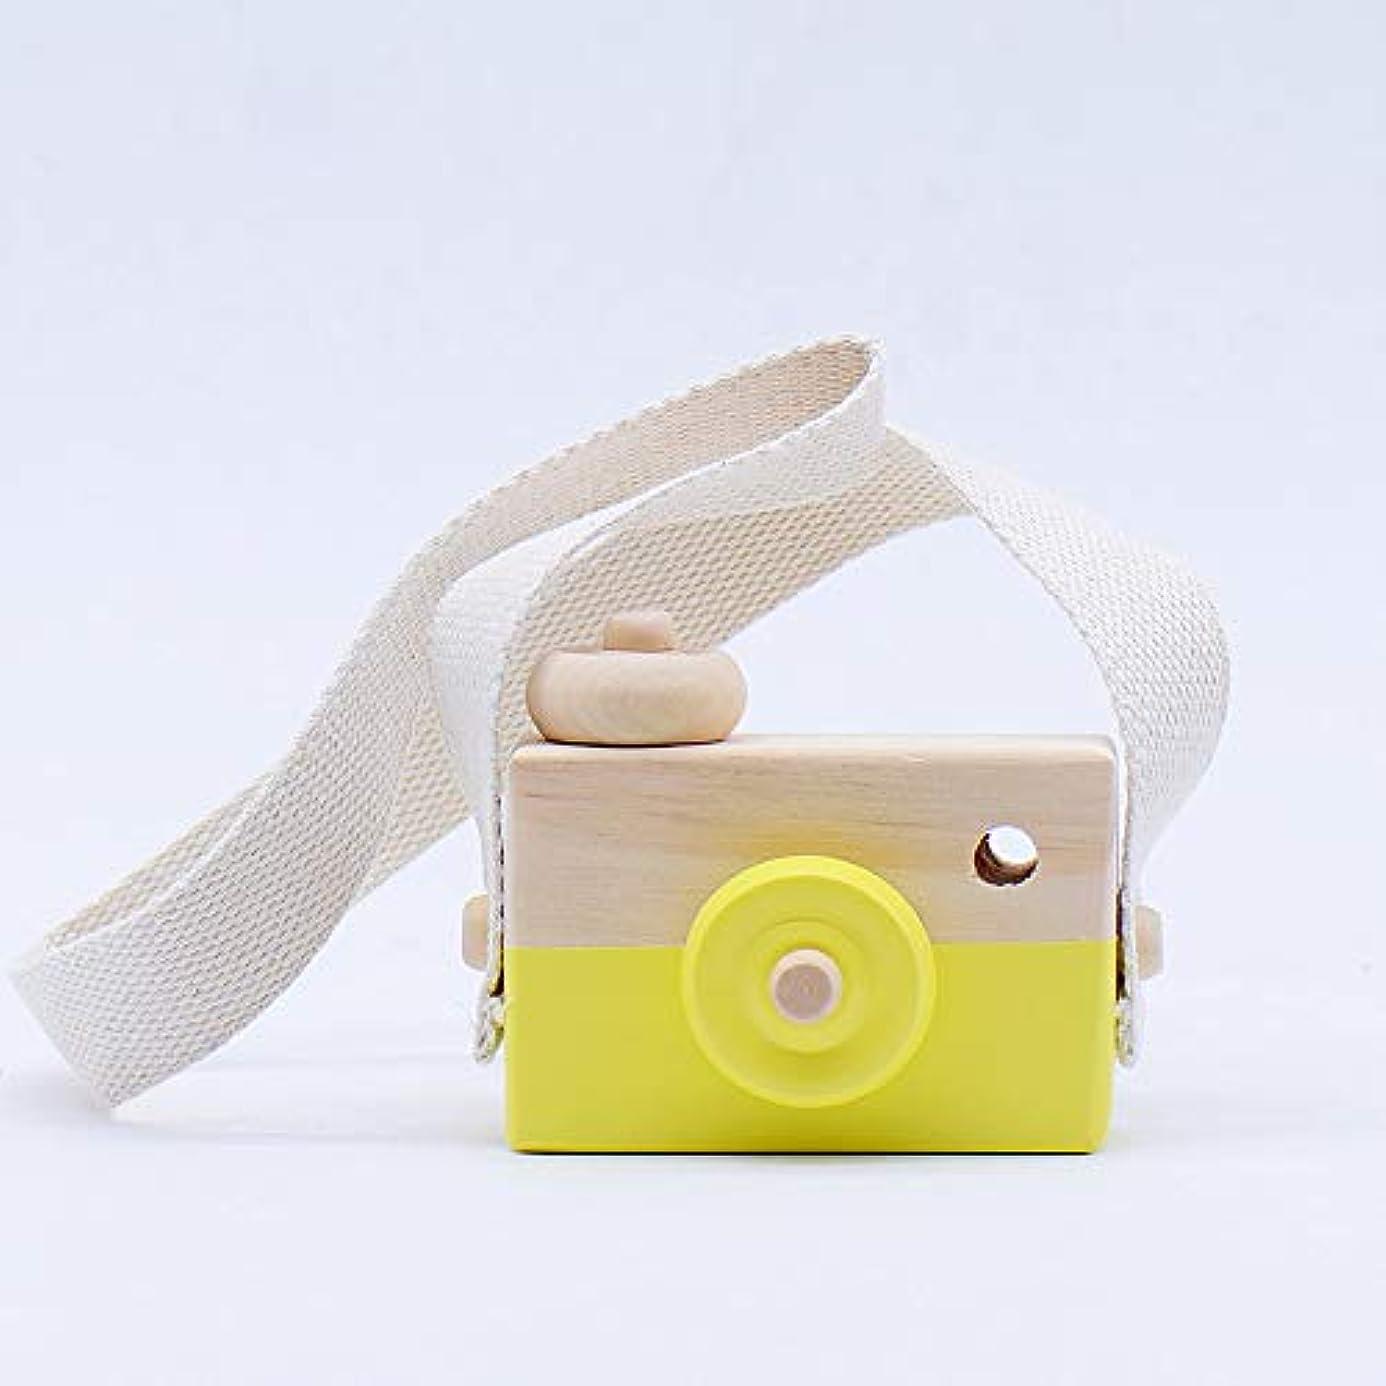 シーフード思い出させるポンペイミニかわいい木製カメラのおもちゃ安全なナチュラル玩具ベビーキッズファッション服アクセサリー玩具誕生日クリスマスホリデーギフト (黄)